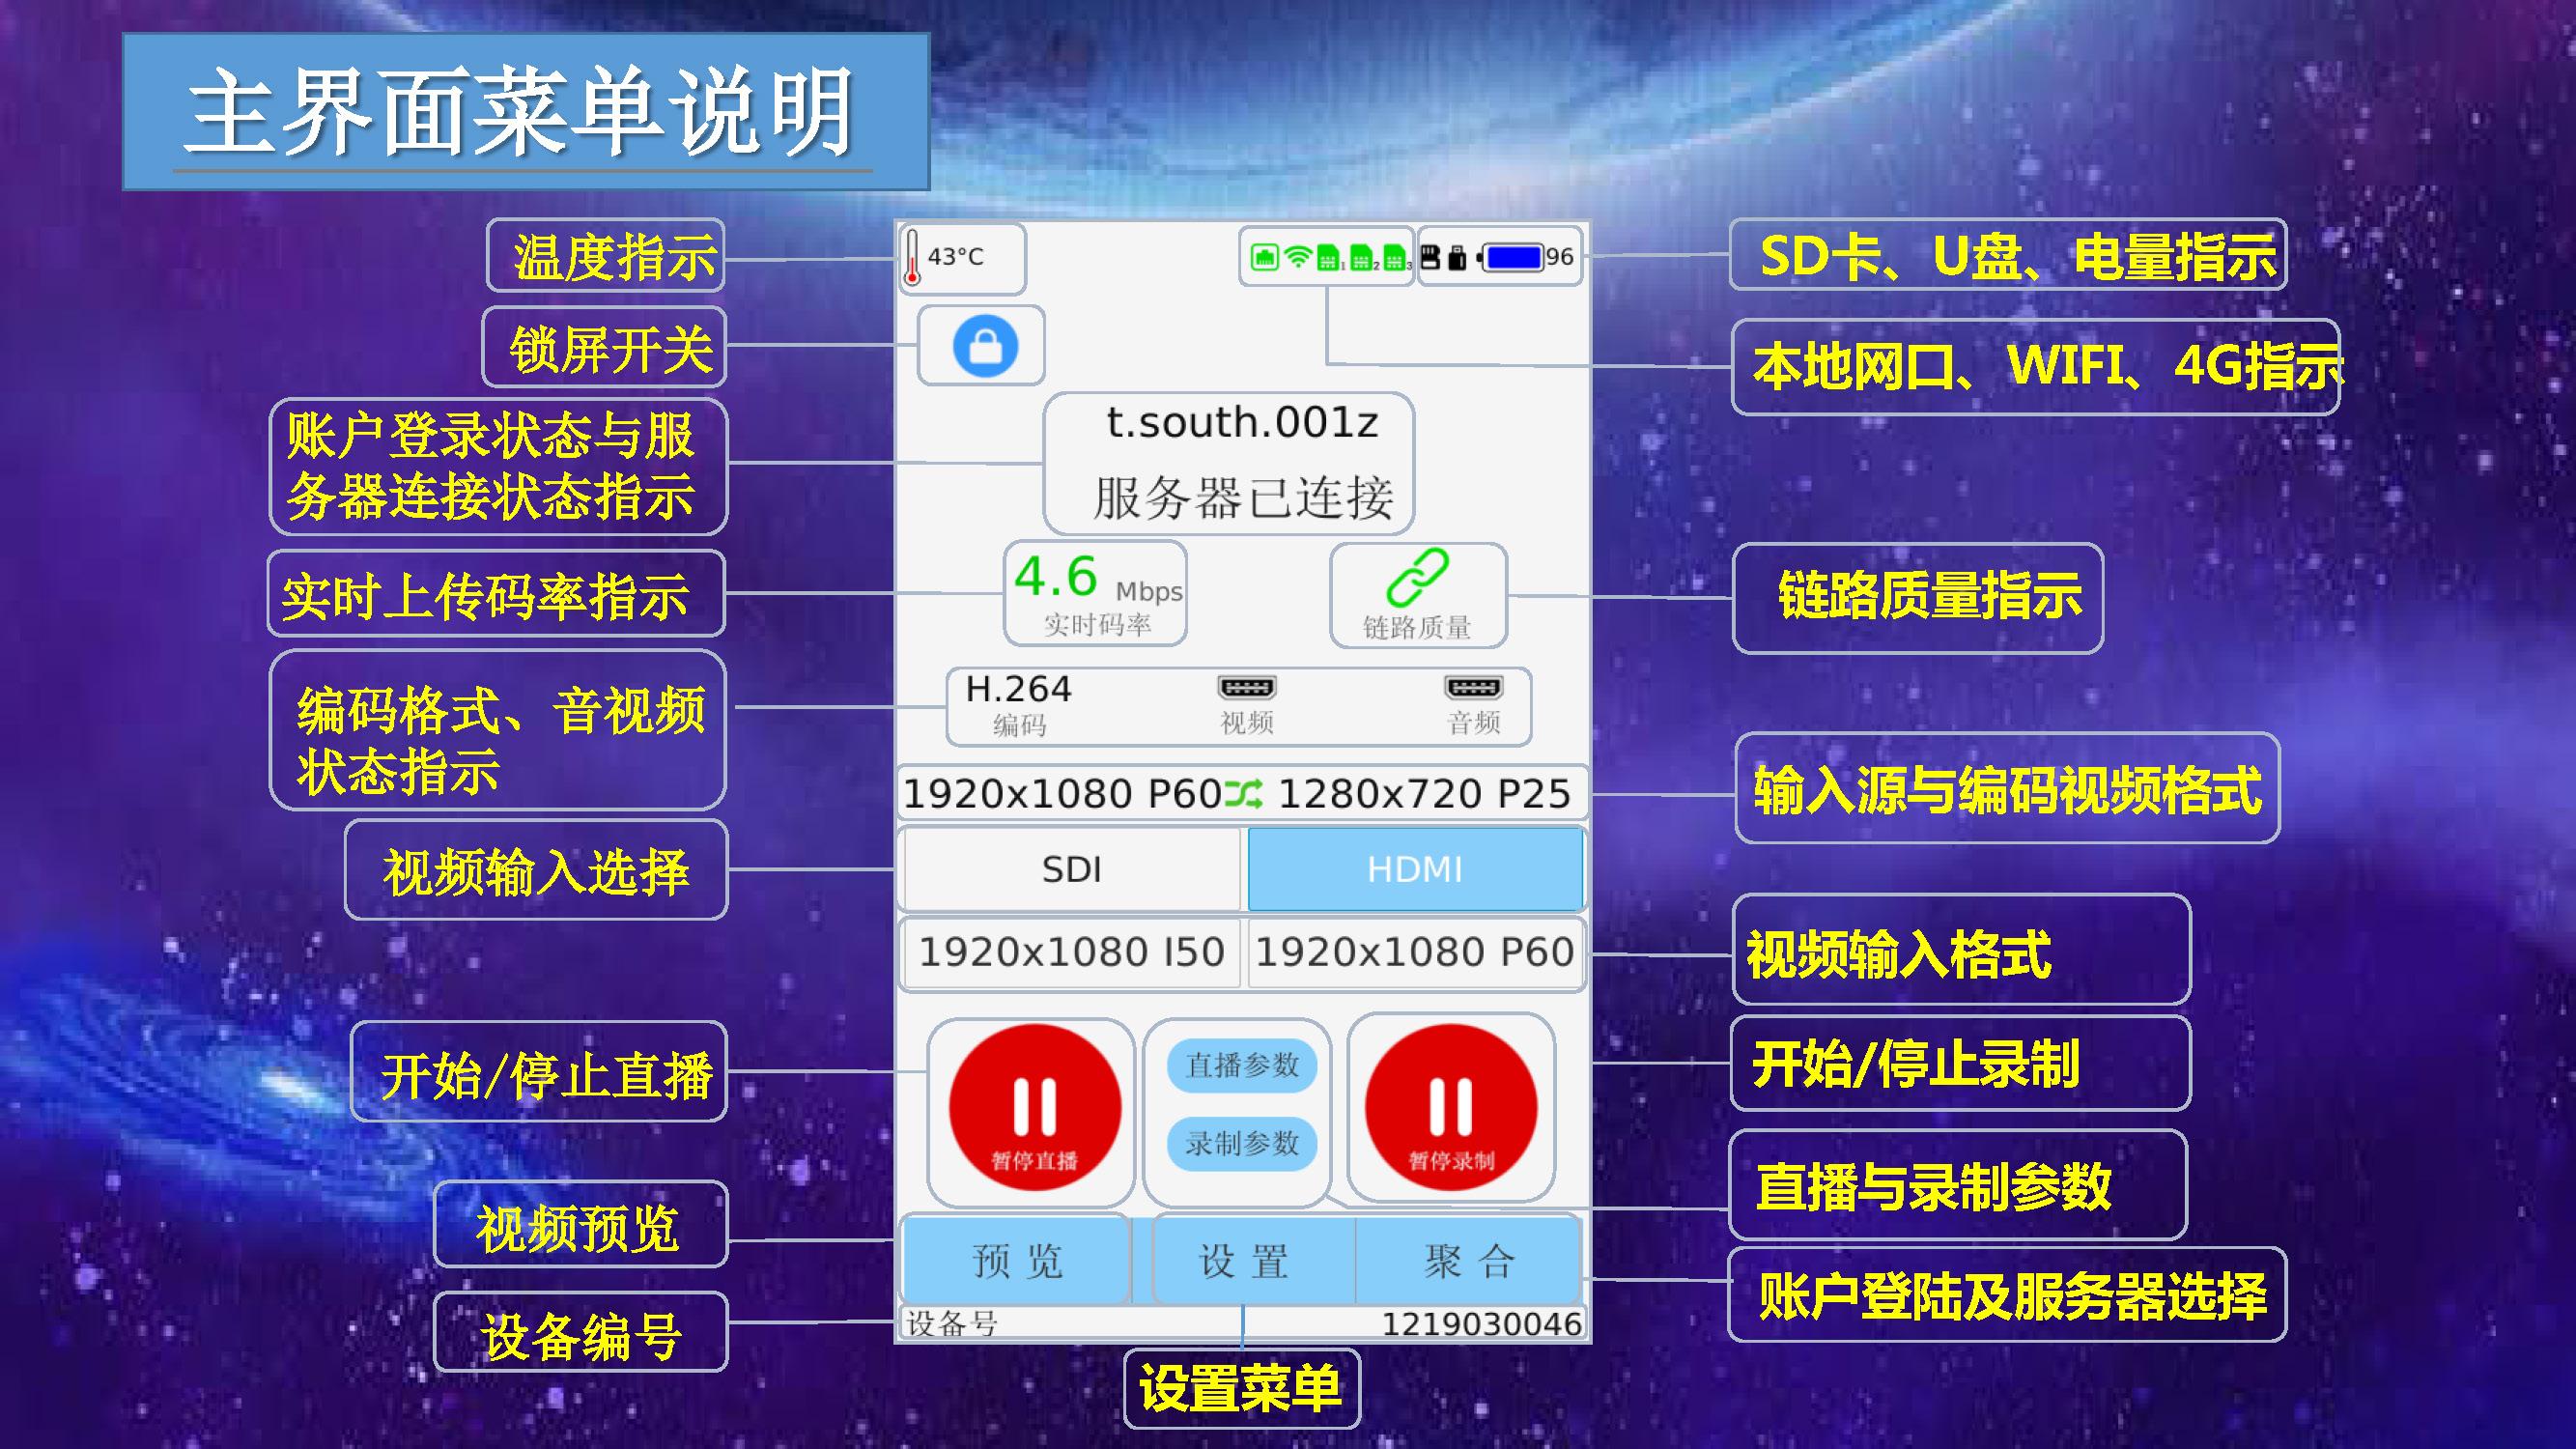 高视T802019-0411-修改版02_页面_06